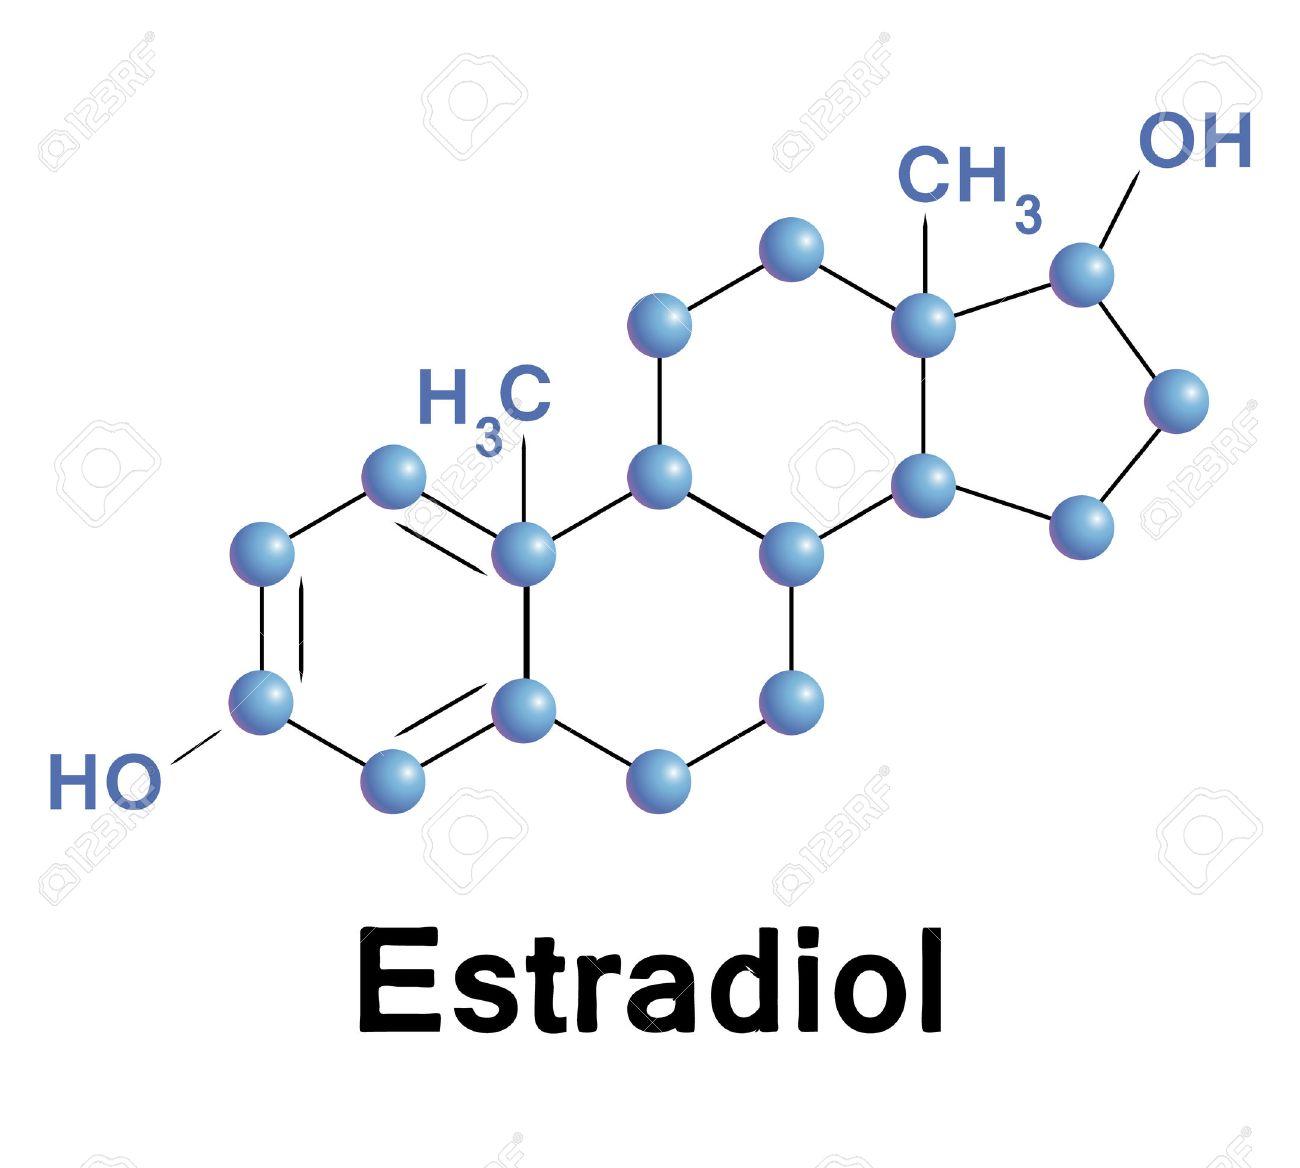 29387667-Estradiol-molecule-structure-me